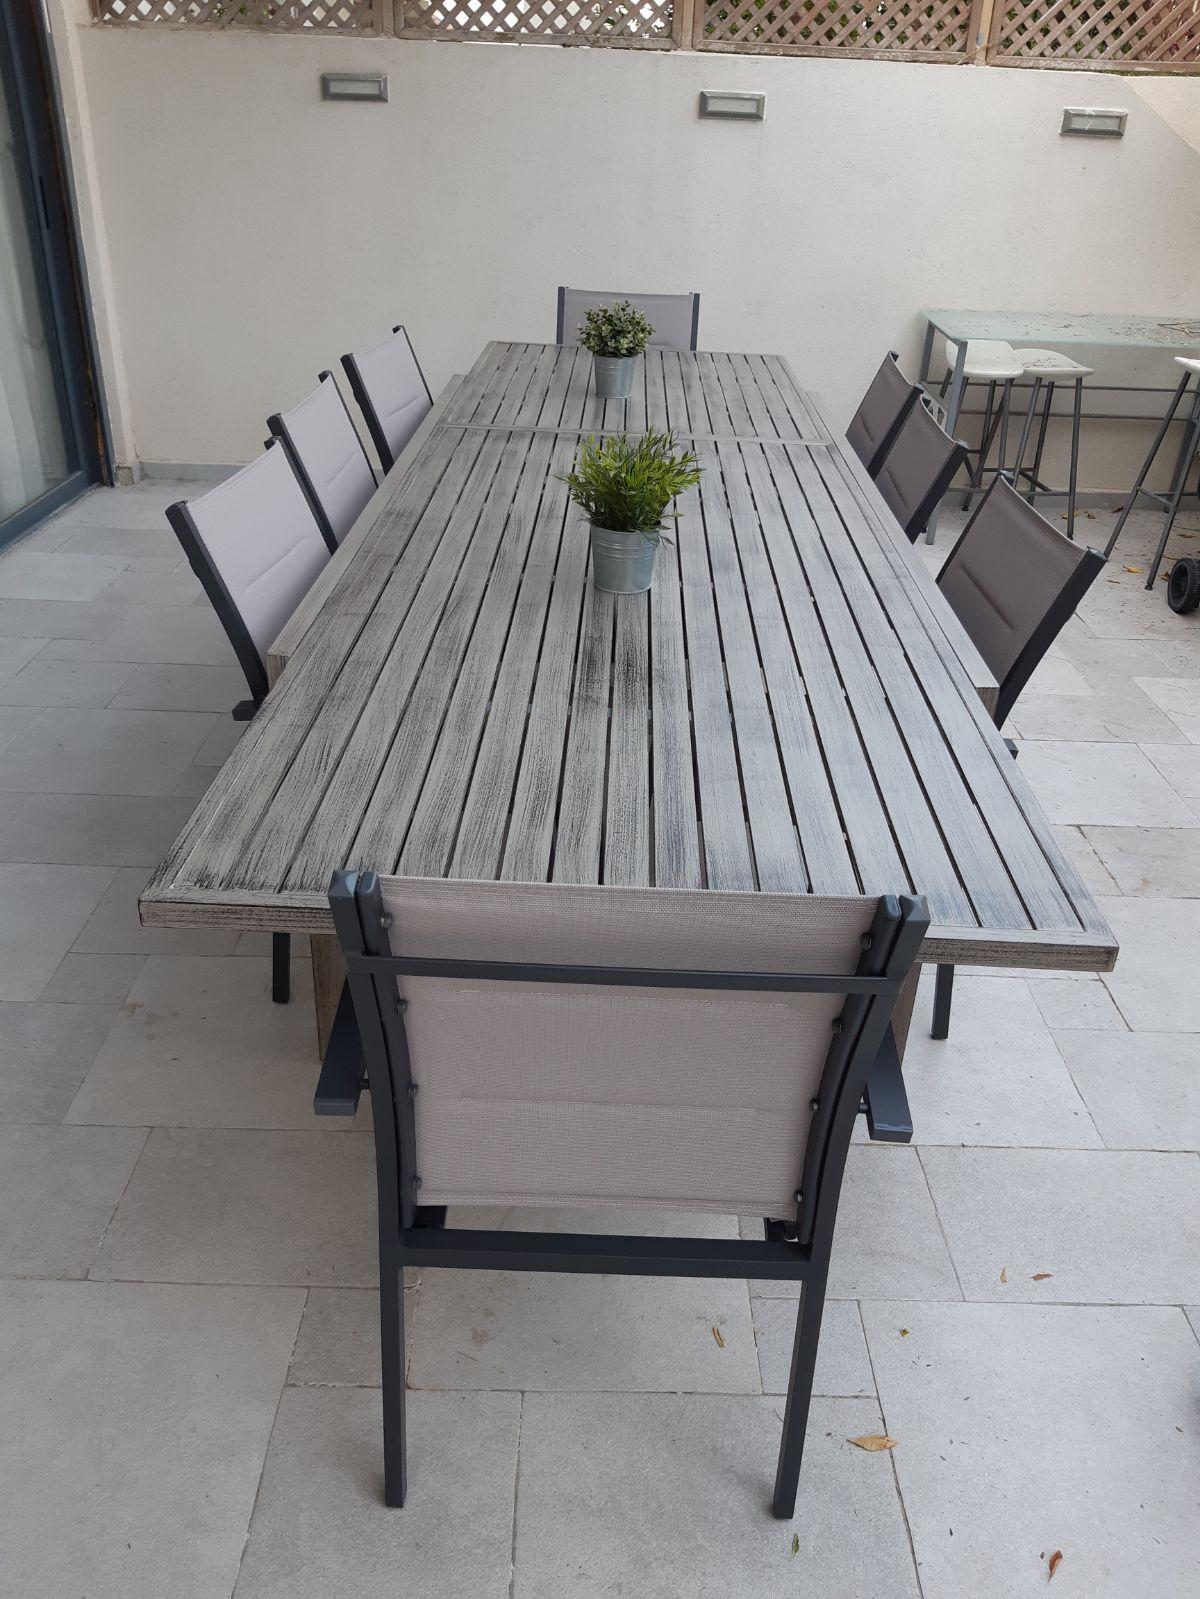 חדש בהום גרדן שולחן נפתח לגינה %100 אלומיניום 100X200\320 צבע ברוש